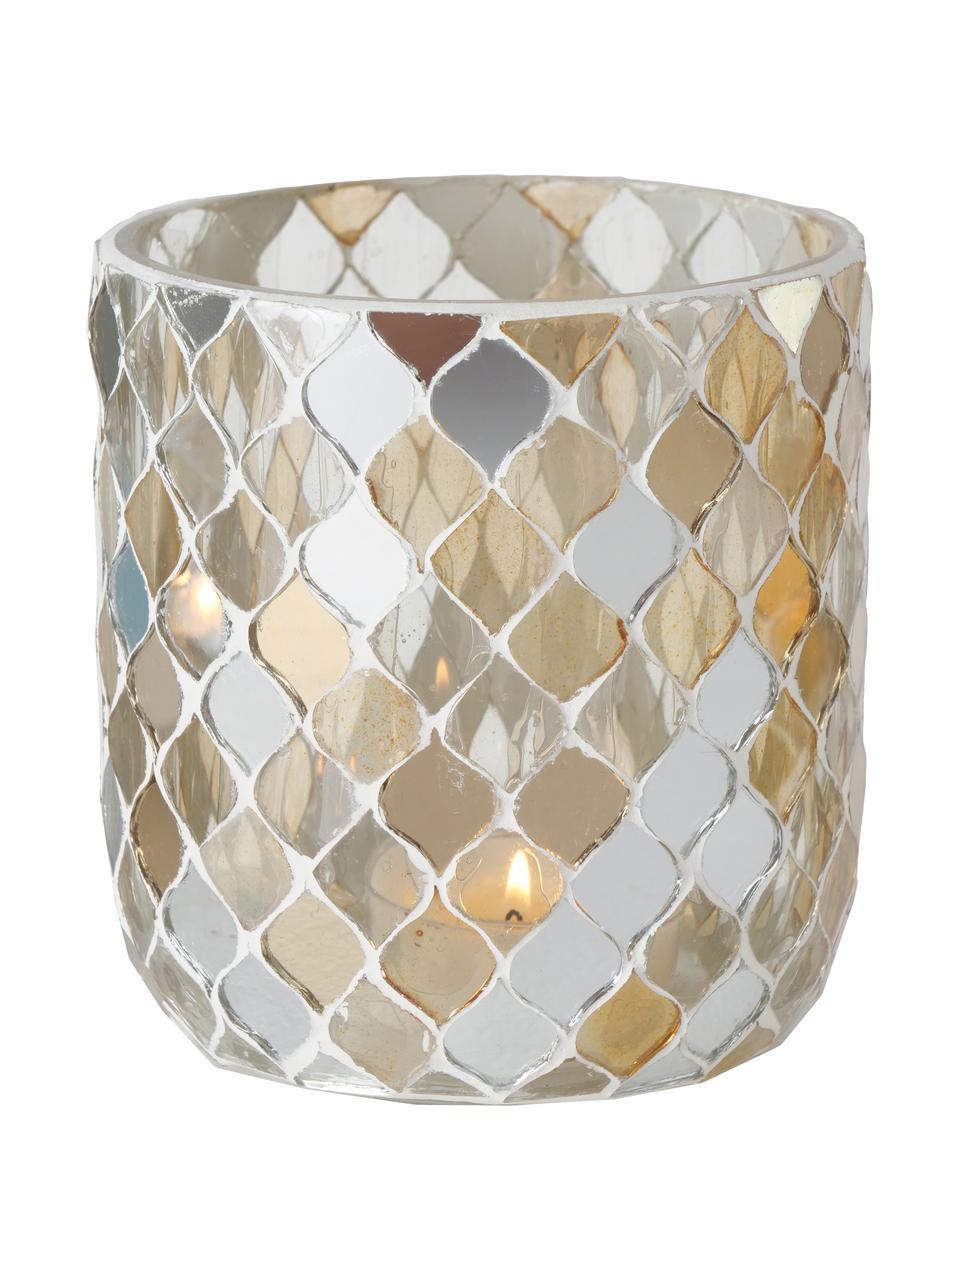 Komplet świeczników na podgrzewacze Horya, 3 elem., Szkło, gips, Wielobarwny, Ø 10 x W 11 cm